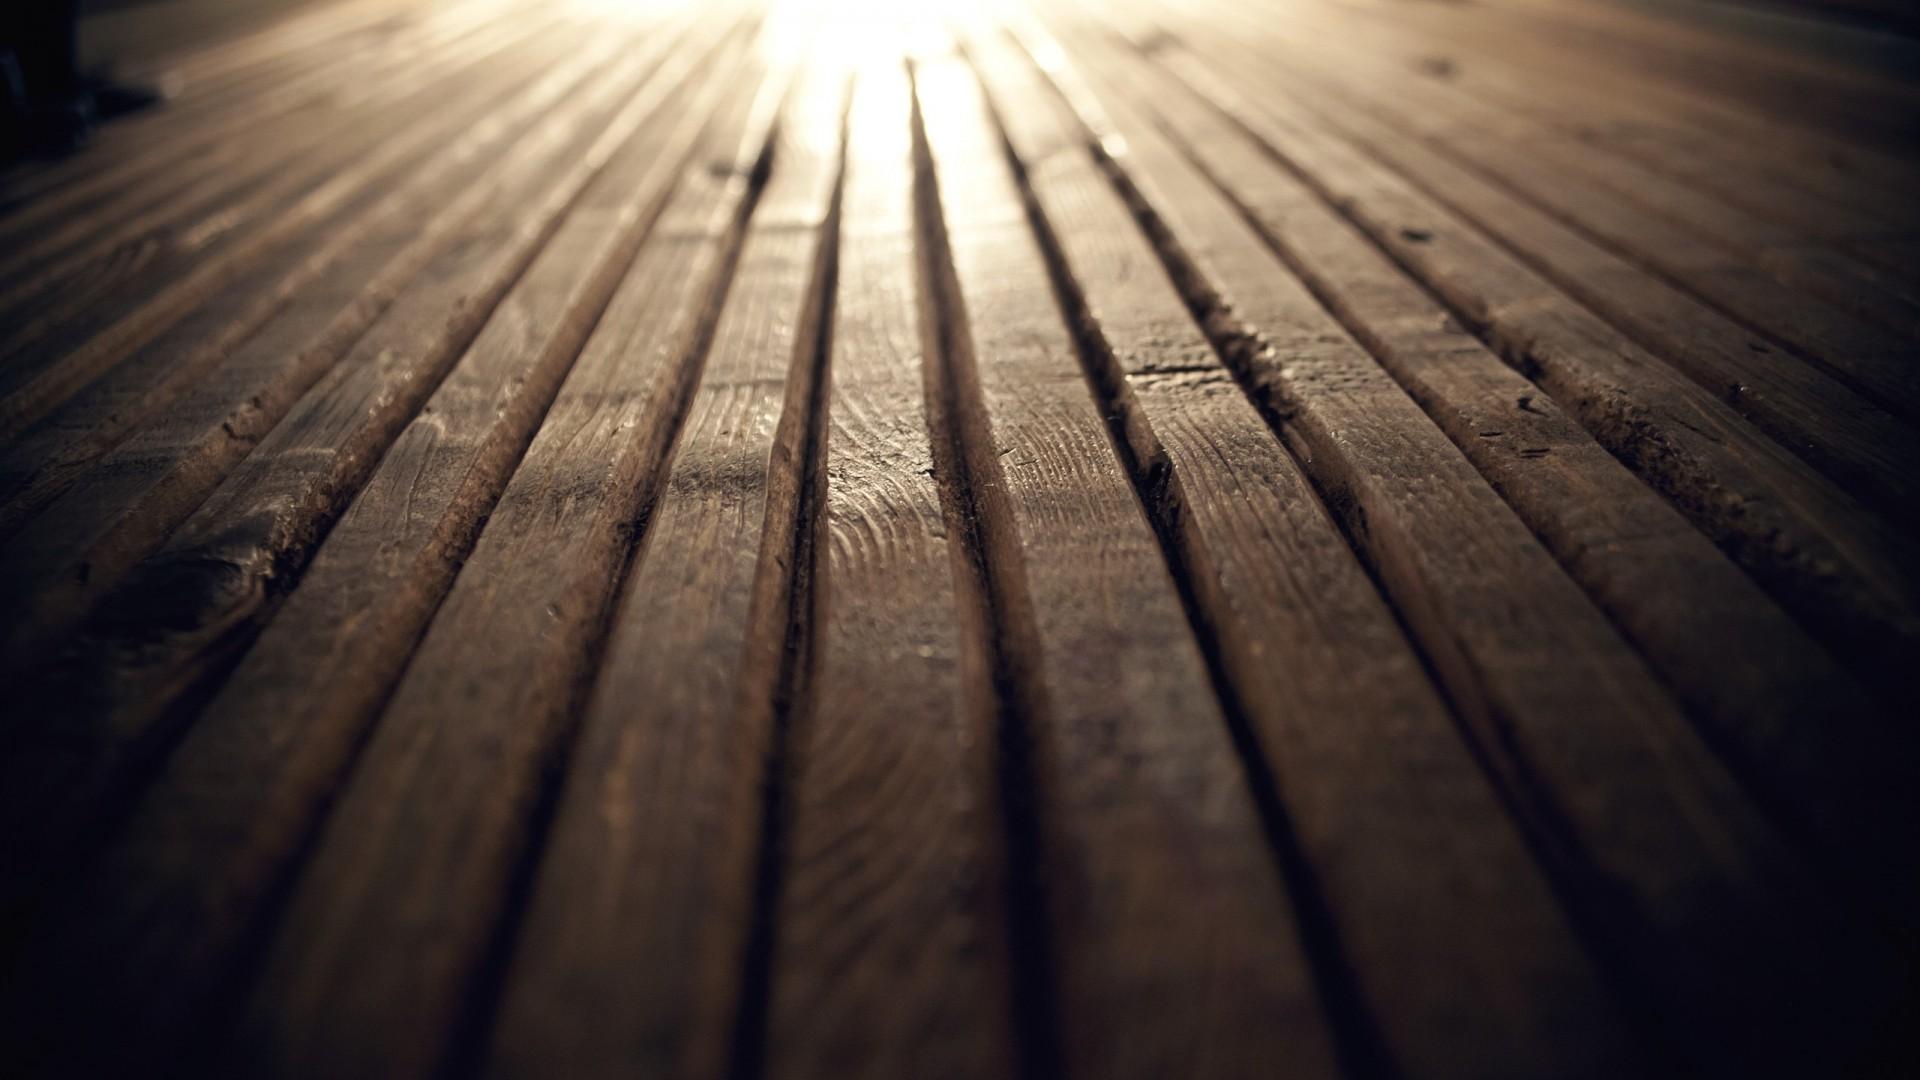 Wood Floor Textures Hd Wallpaper